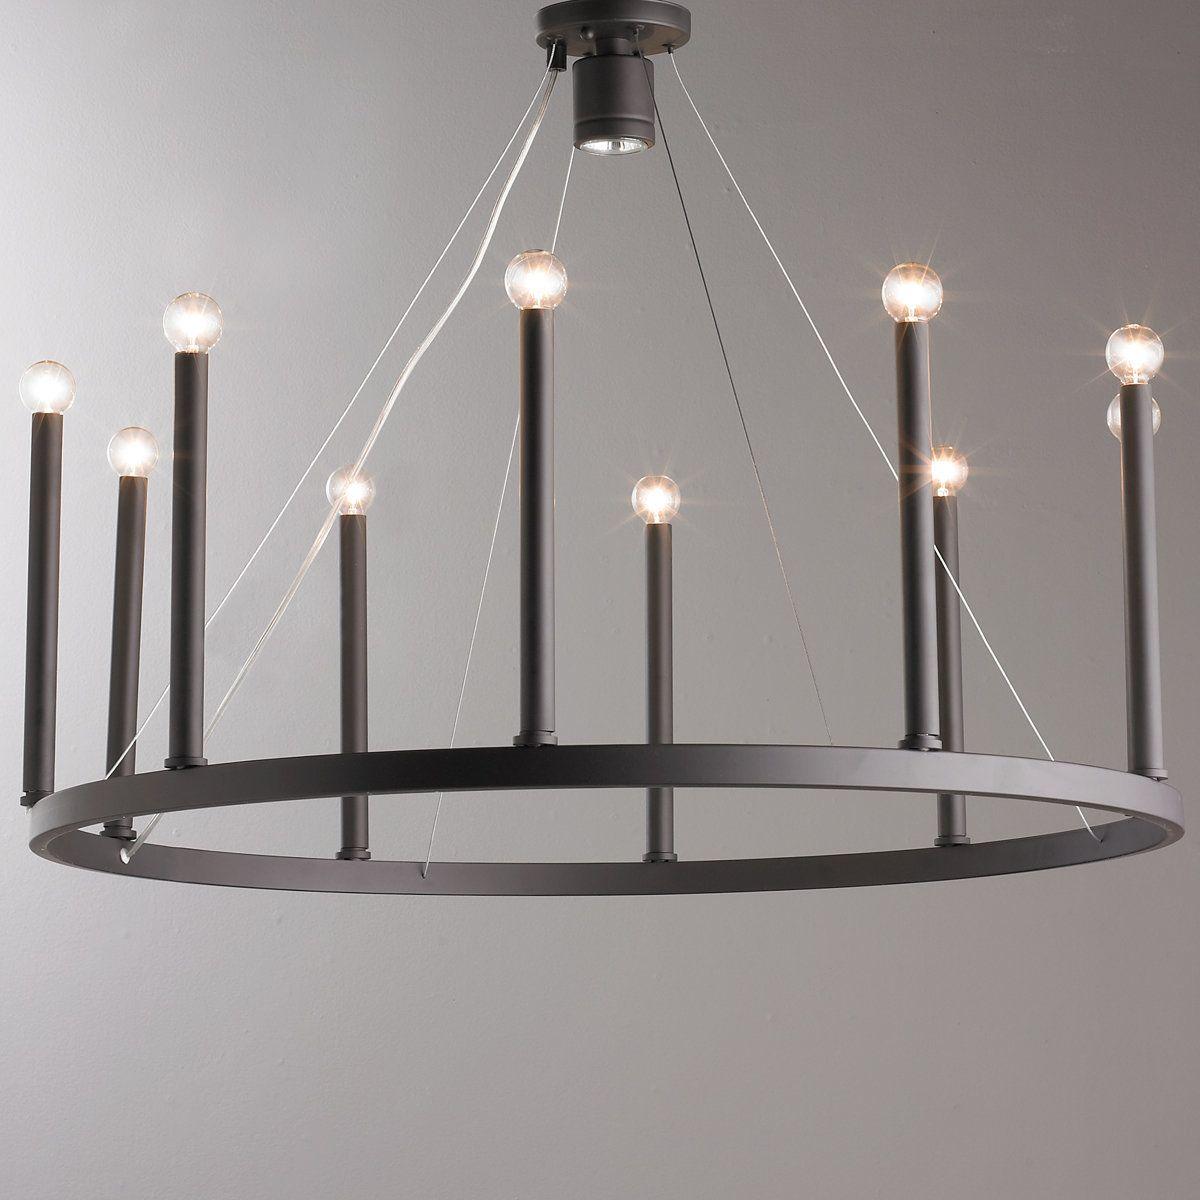 Euromodern candelabra chandelier light candelabra